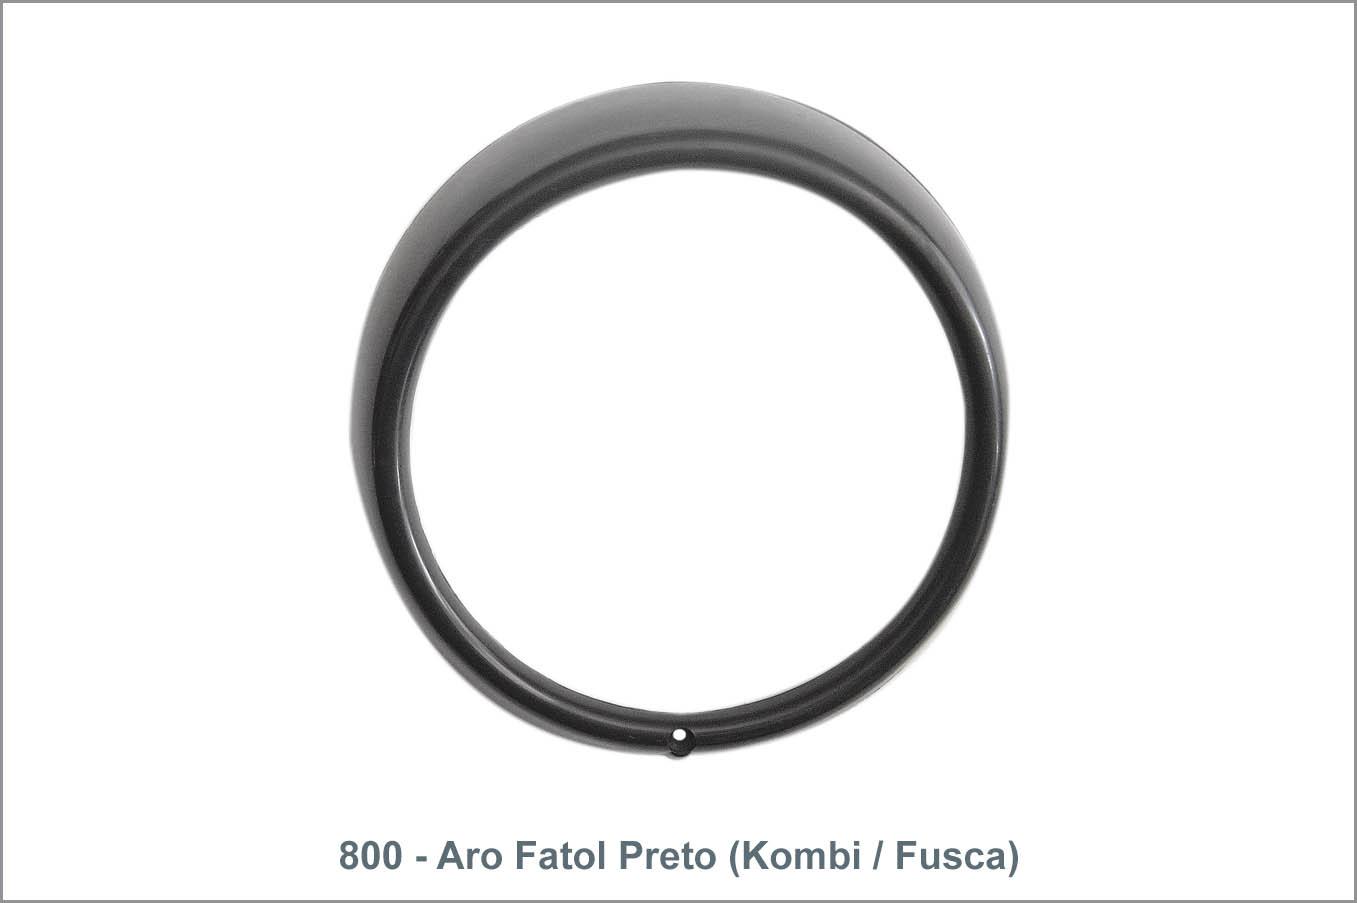 800 - Aro Farol Preto (Kombi / Fusca)